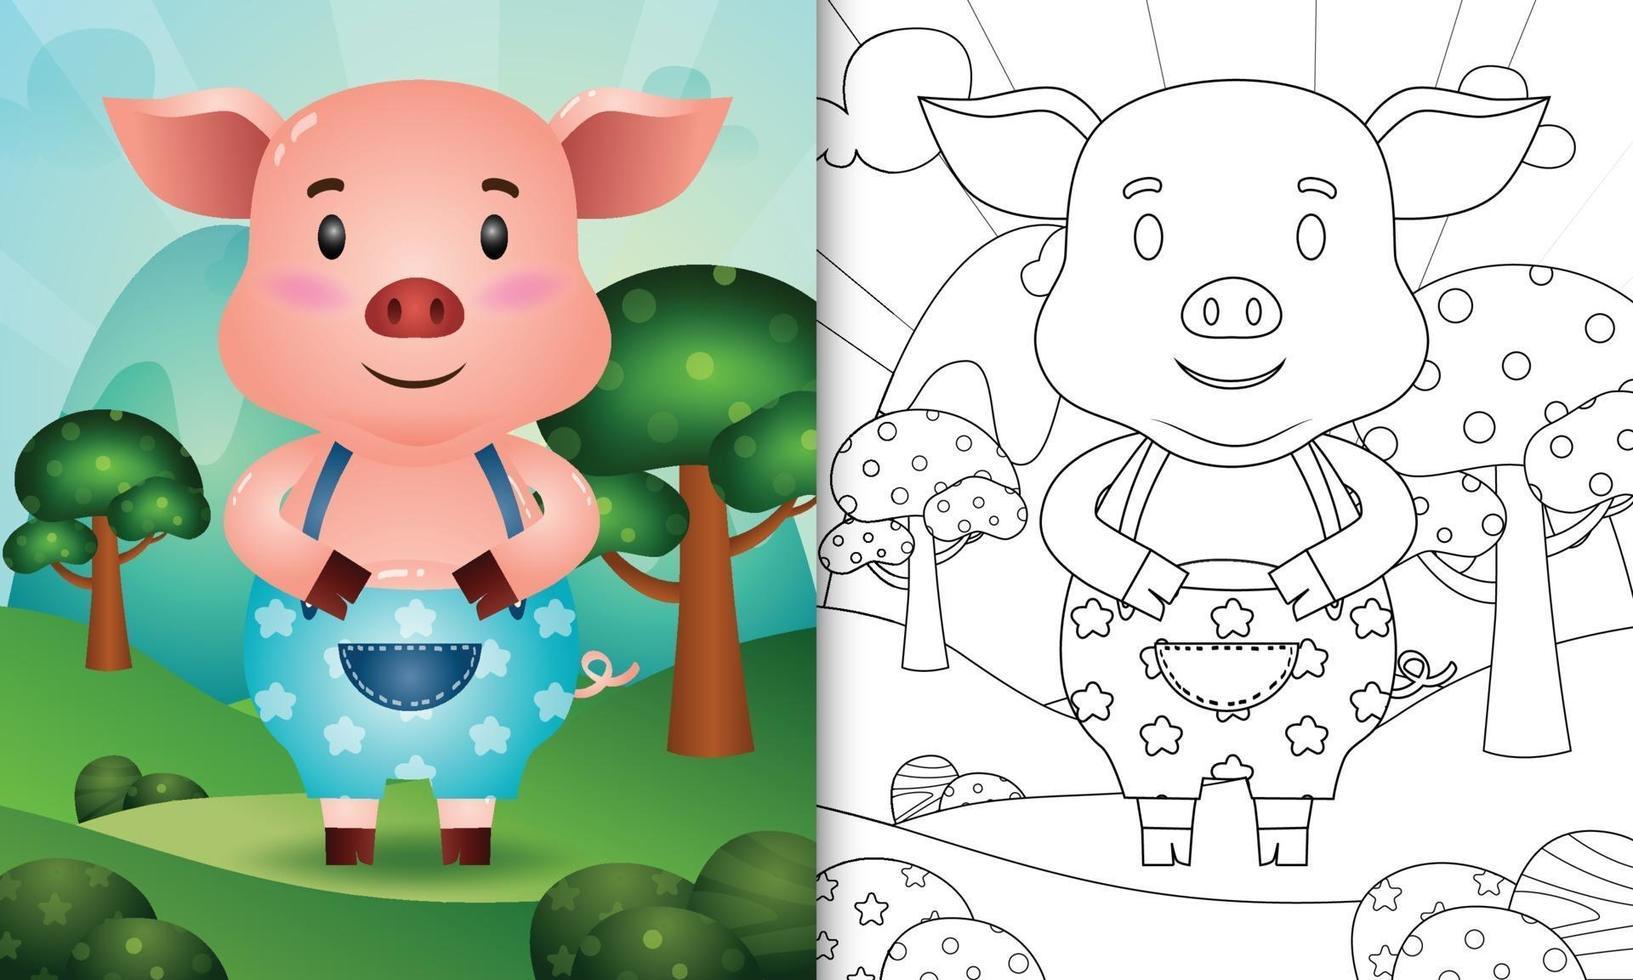 kleurboeksjabloon voor kinderen met een schattig varken karakter illustratie vector